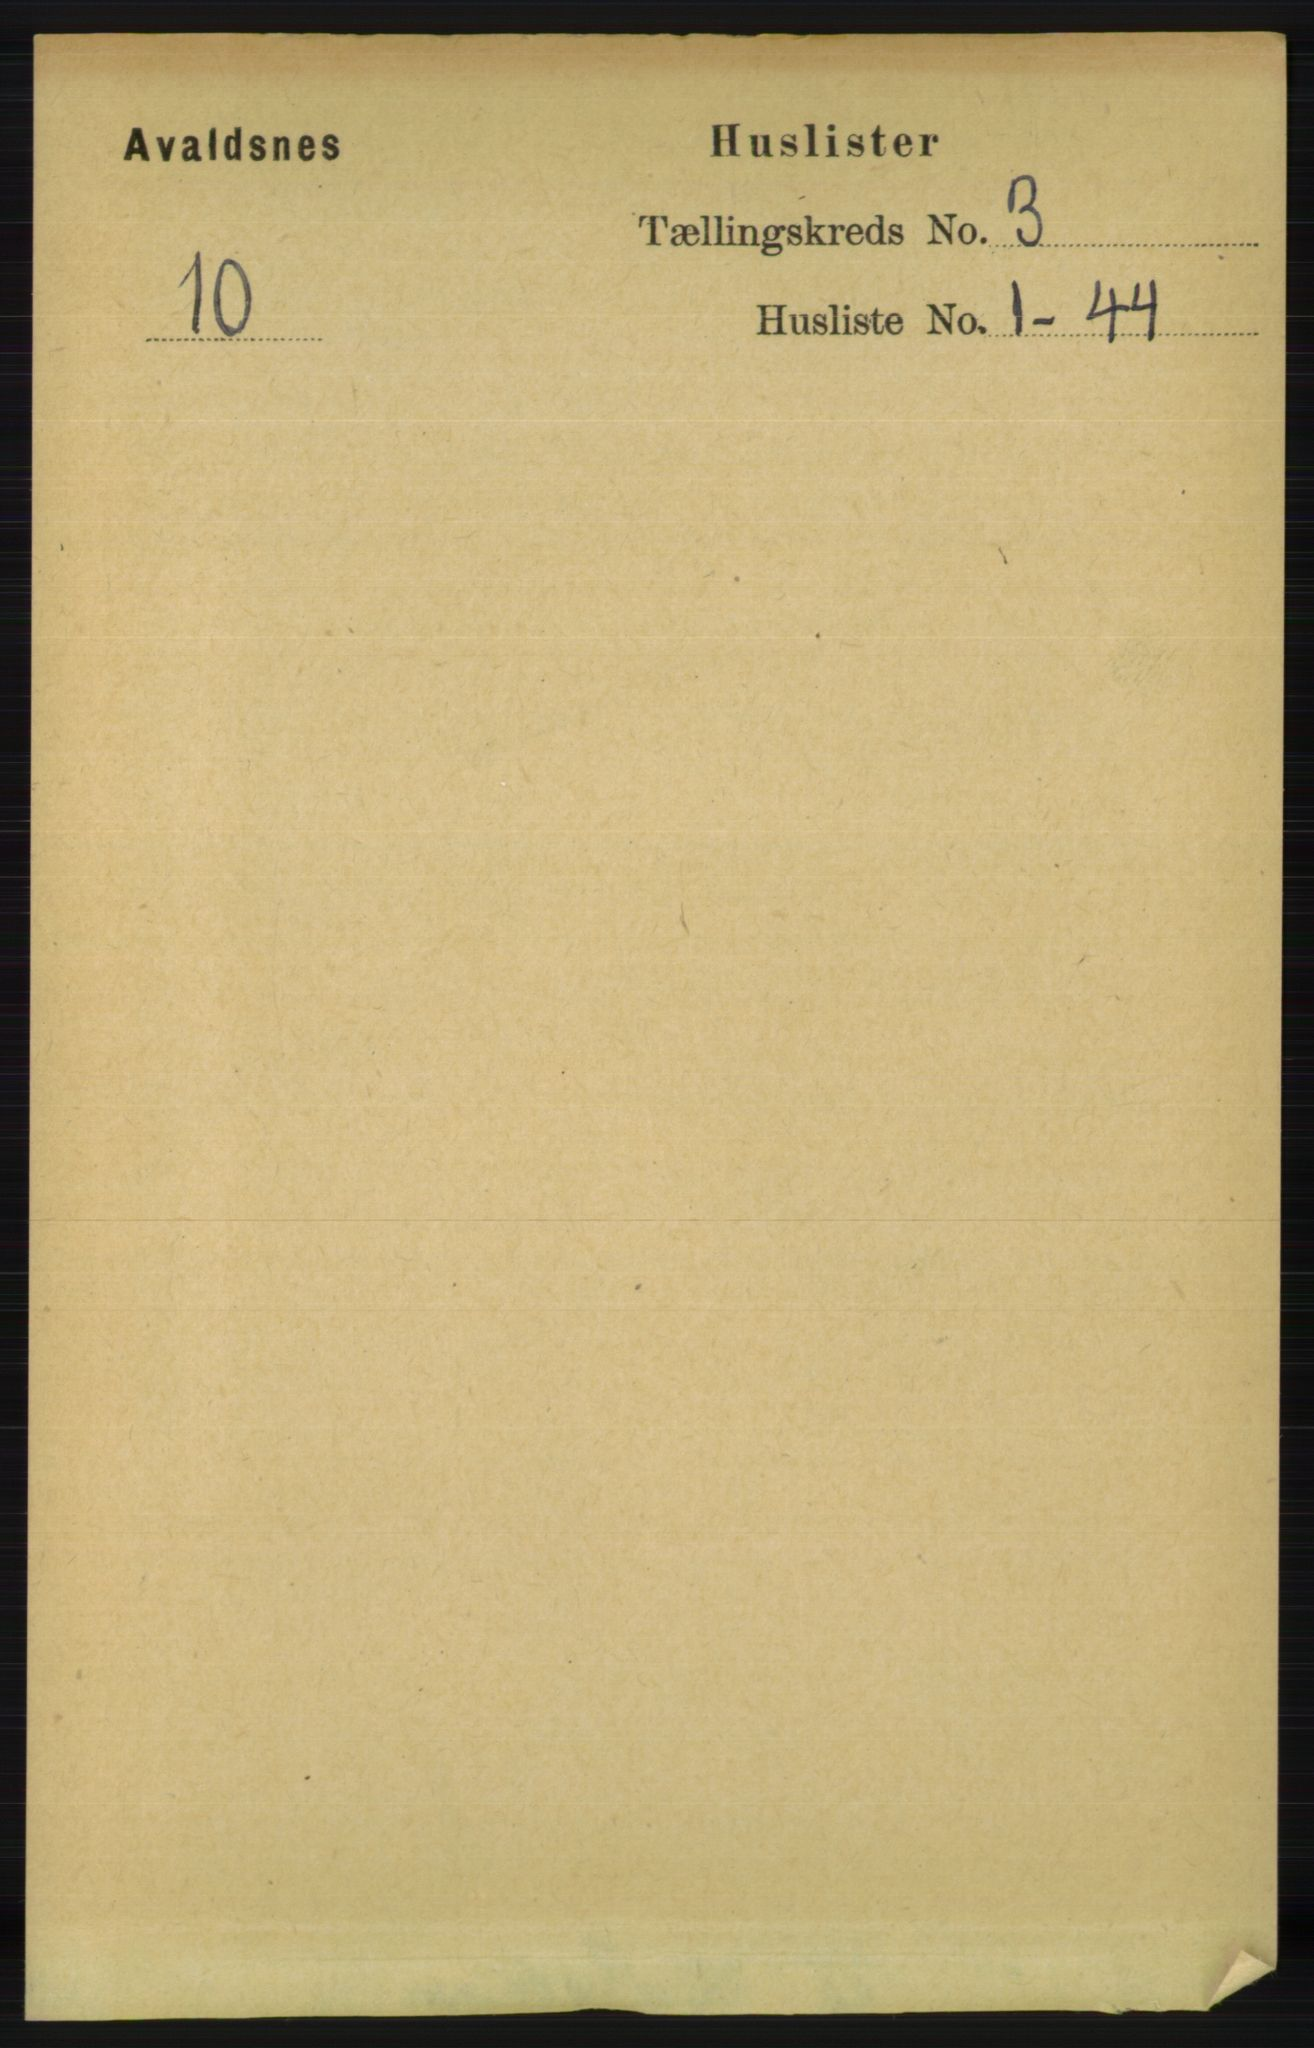 RA, Folketelling 1891 for 1147 Avaldsnes herred, 1891, s. 2498